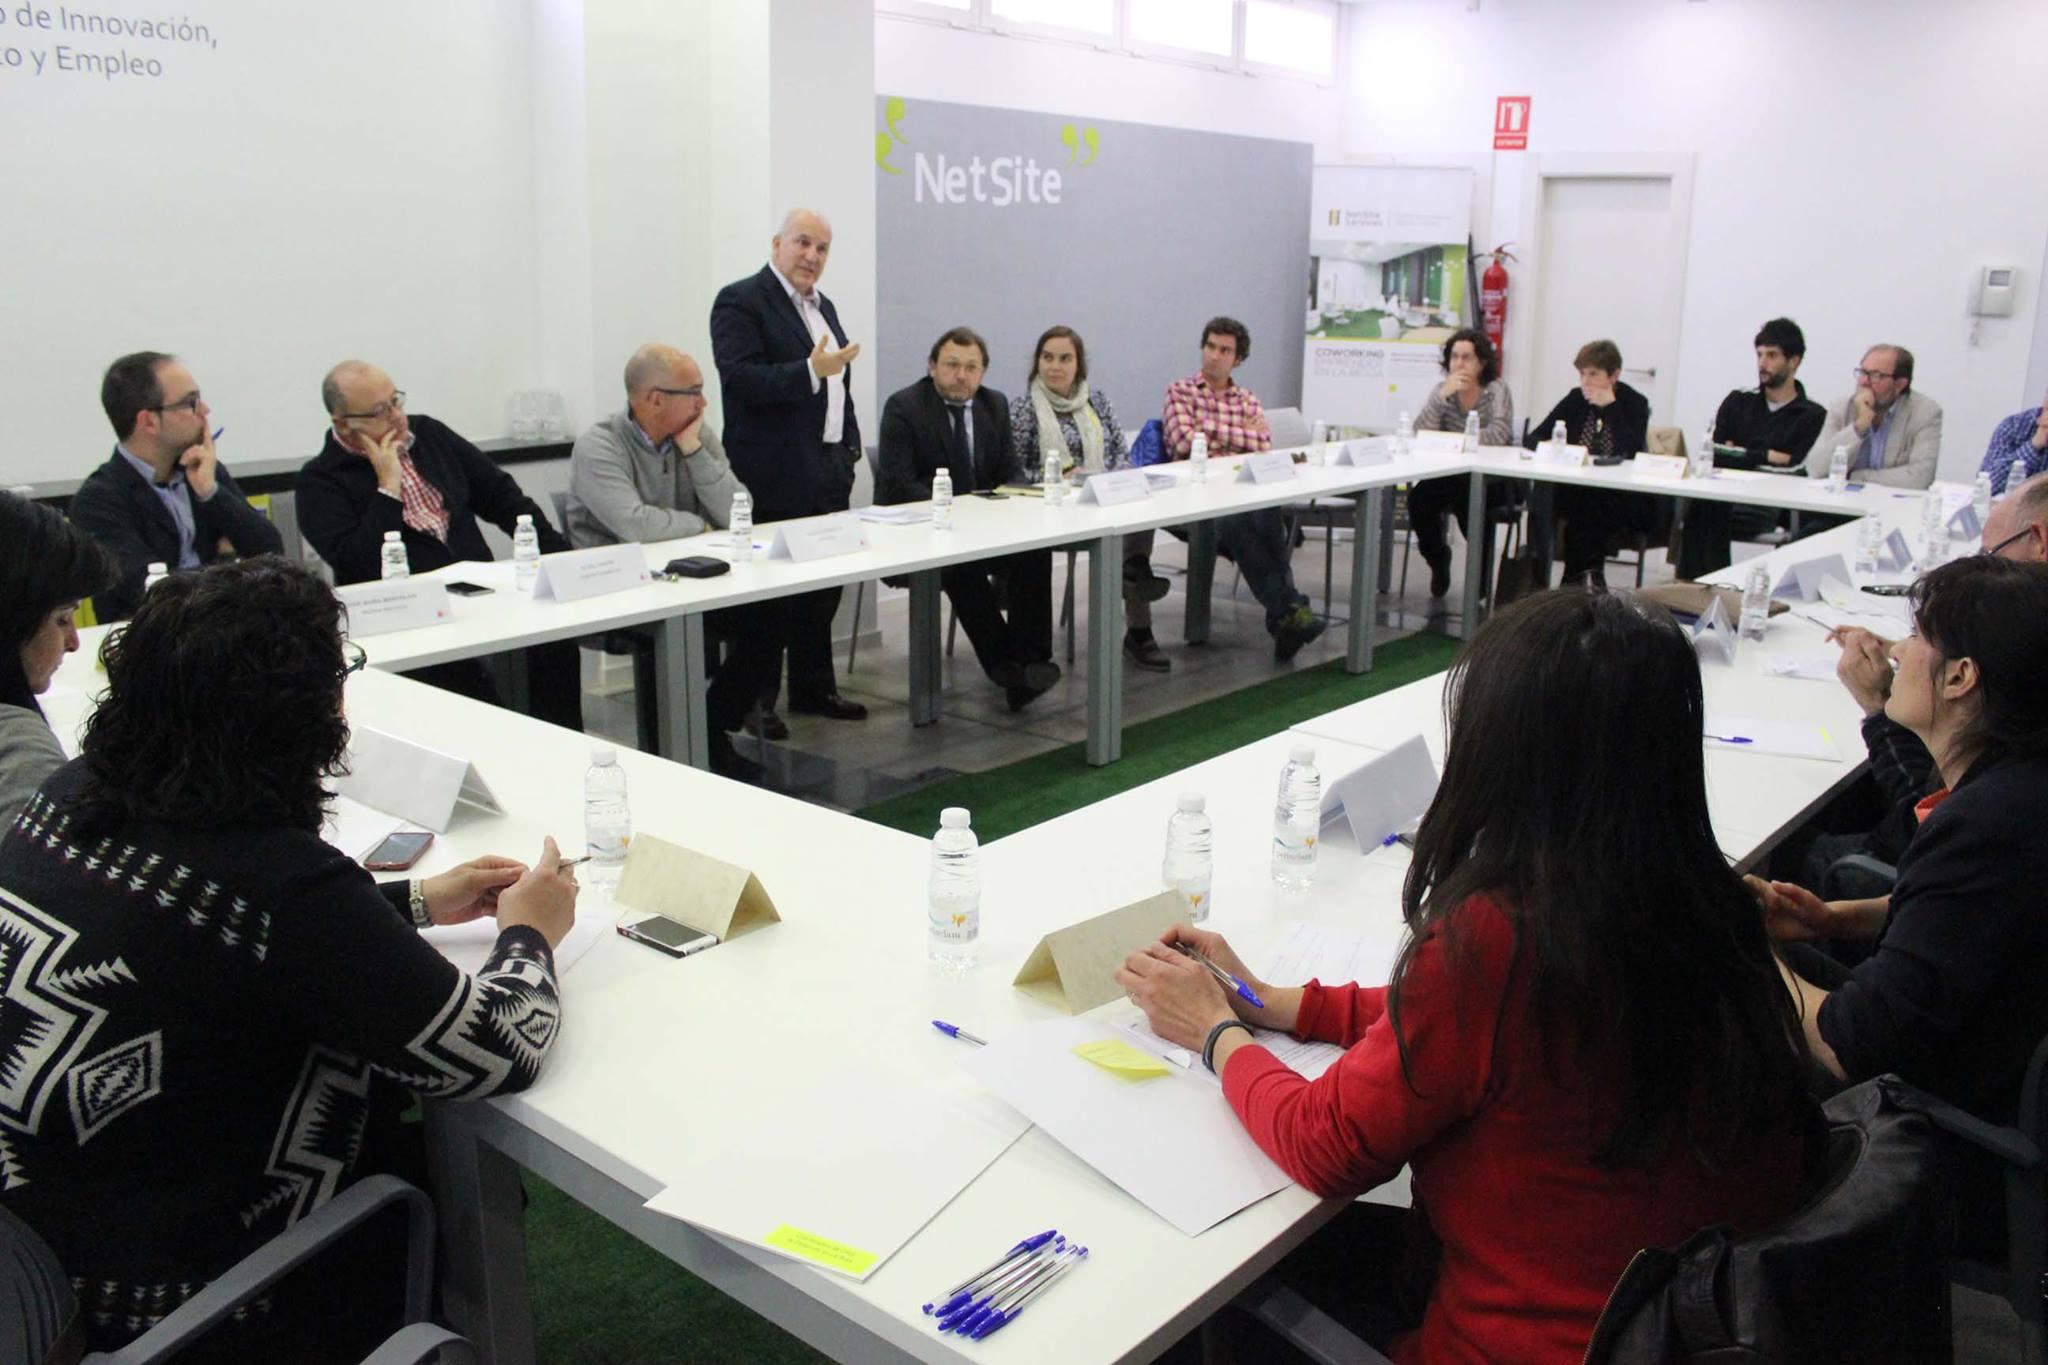 Capacitae acoge el primer Laboratorio de Innovación Social en La Rioja